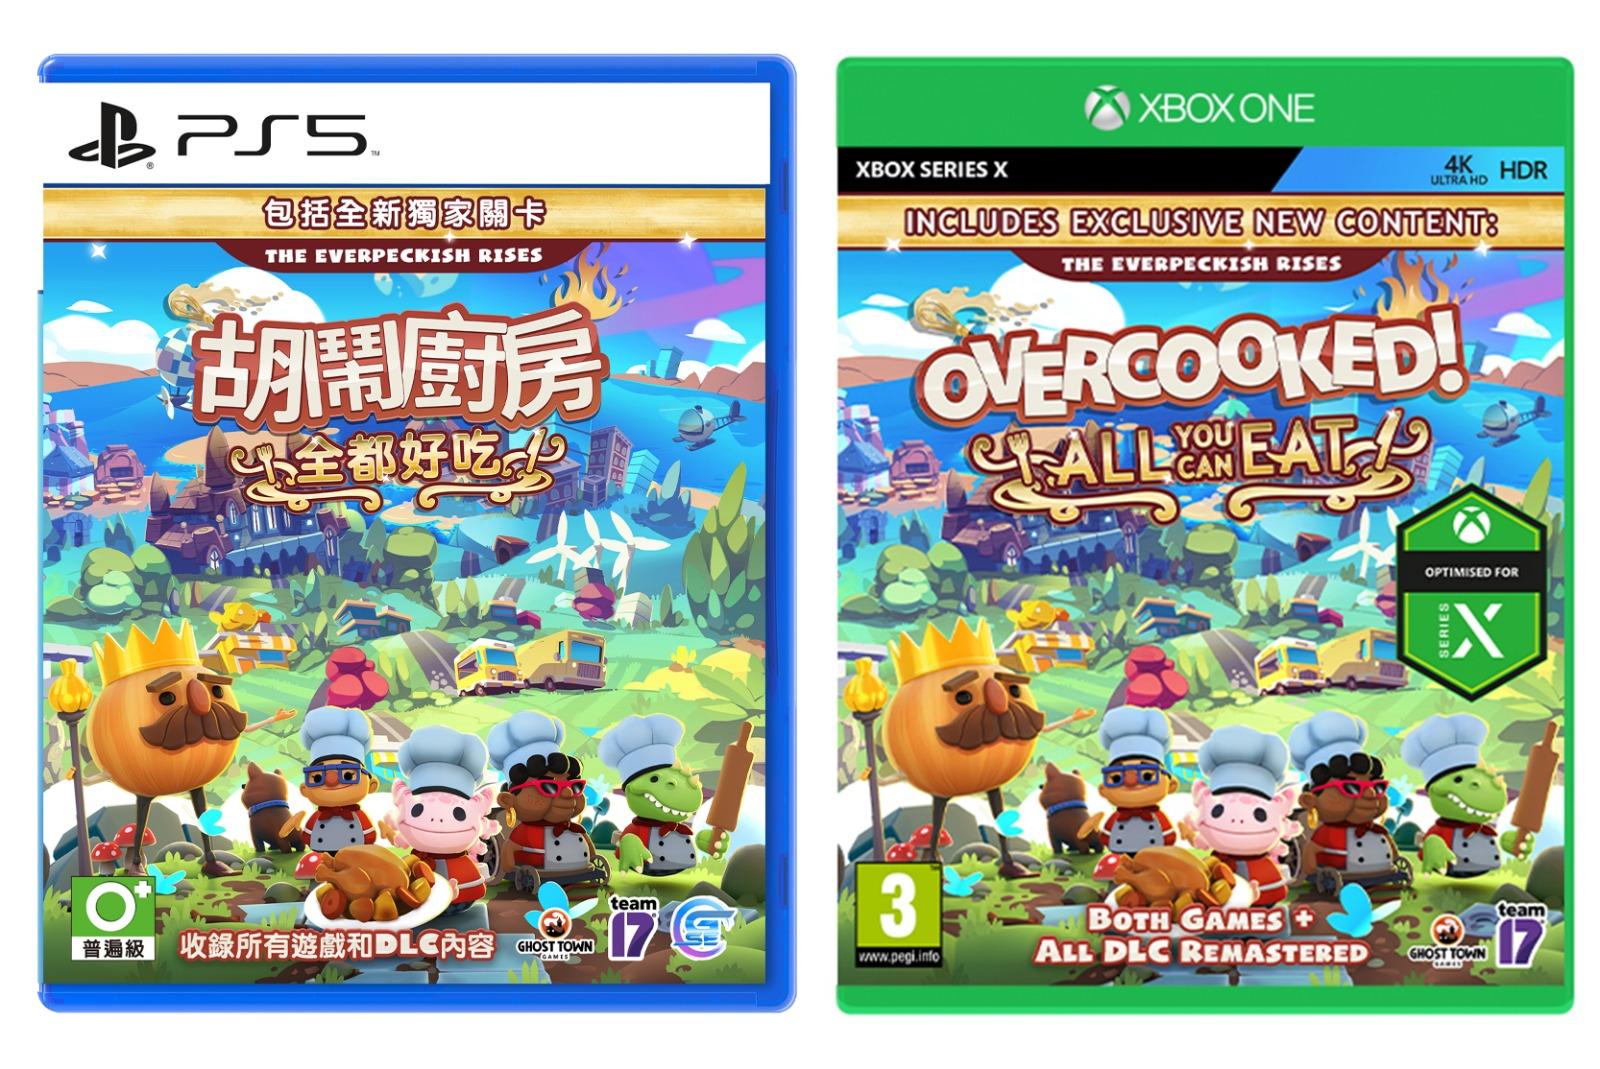 胡鬧廚房 全都好吃, Overcooked! All You Can Eat, PlayStation5, Xbox Series X, Xbox Series S, Game Source Entertainment, GSE,